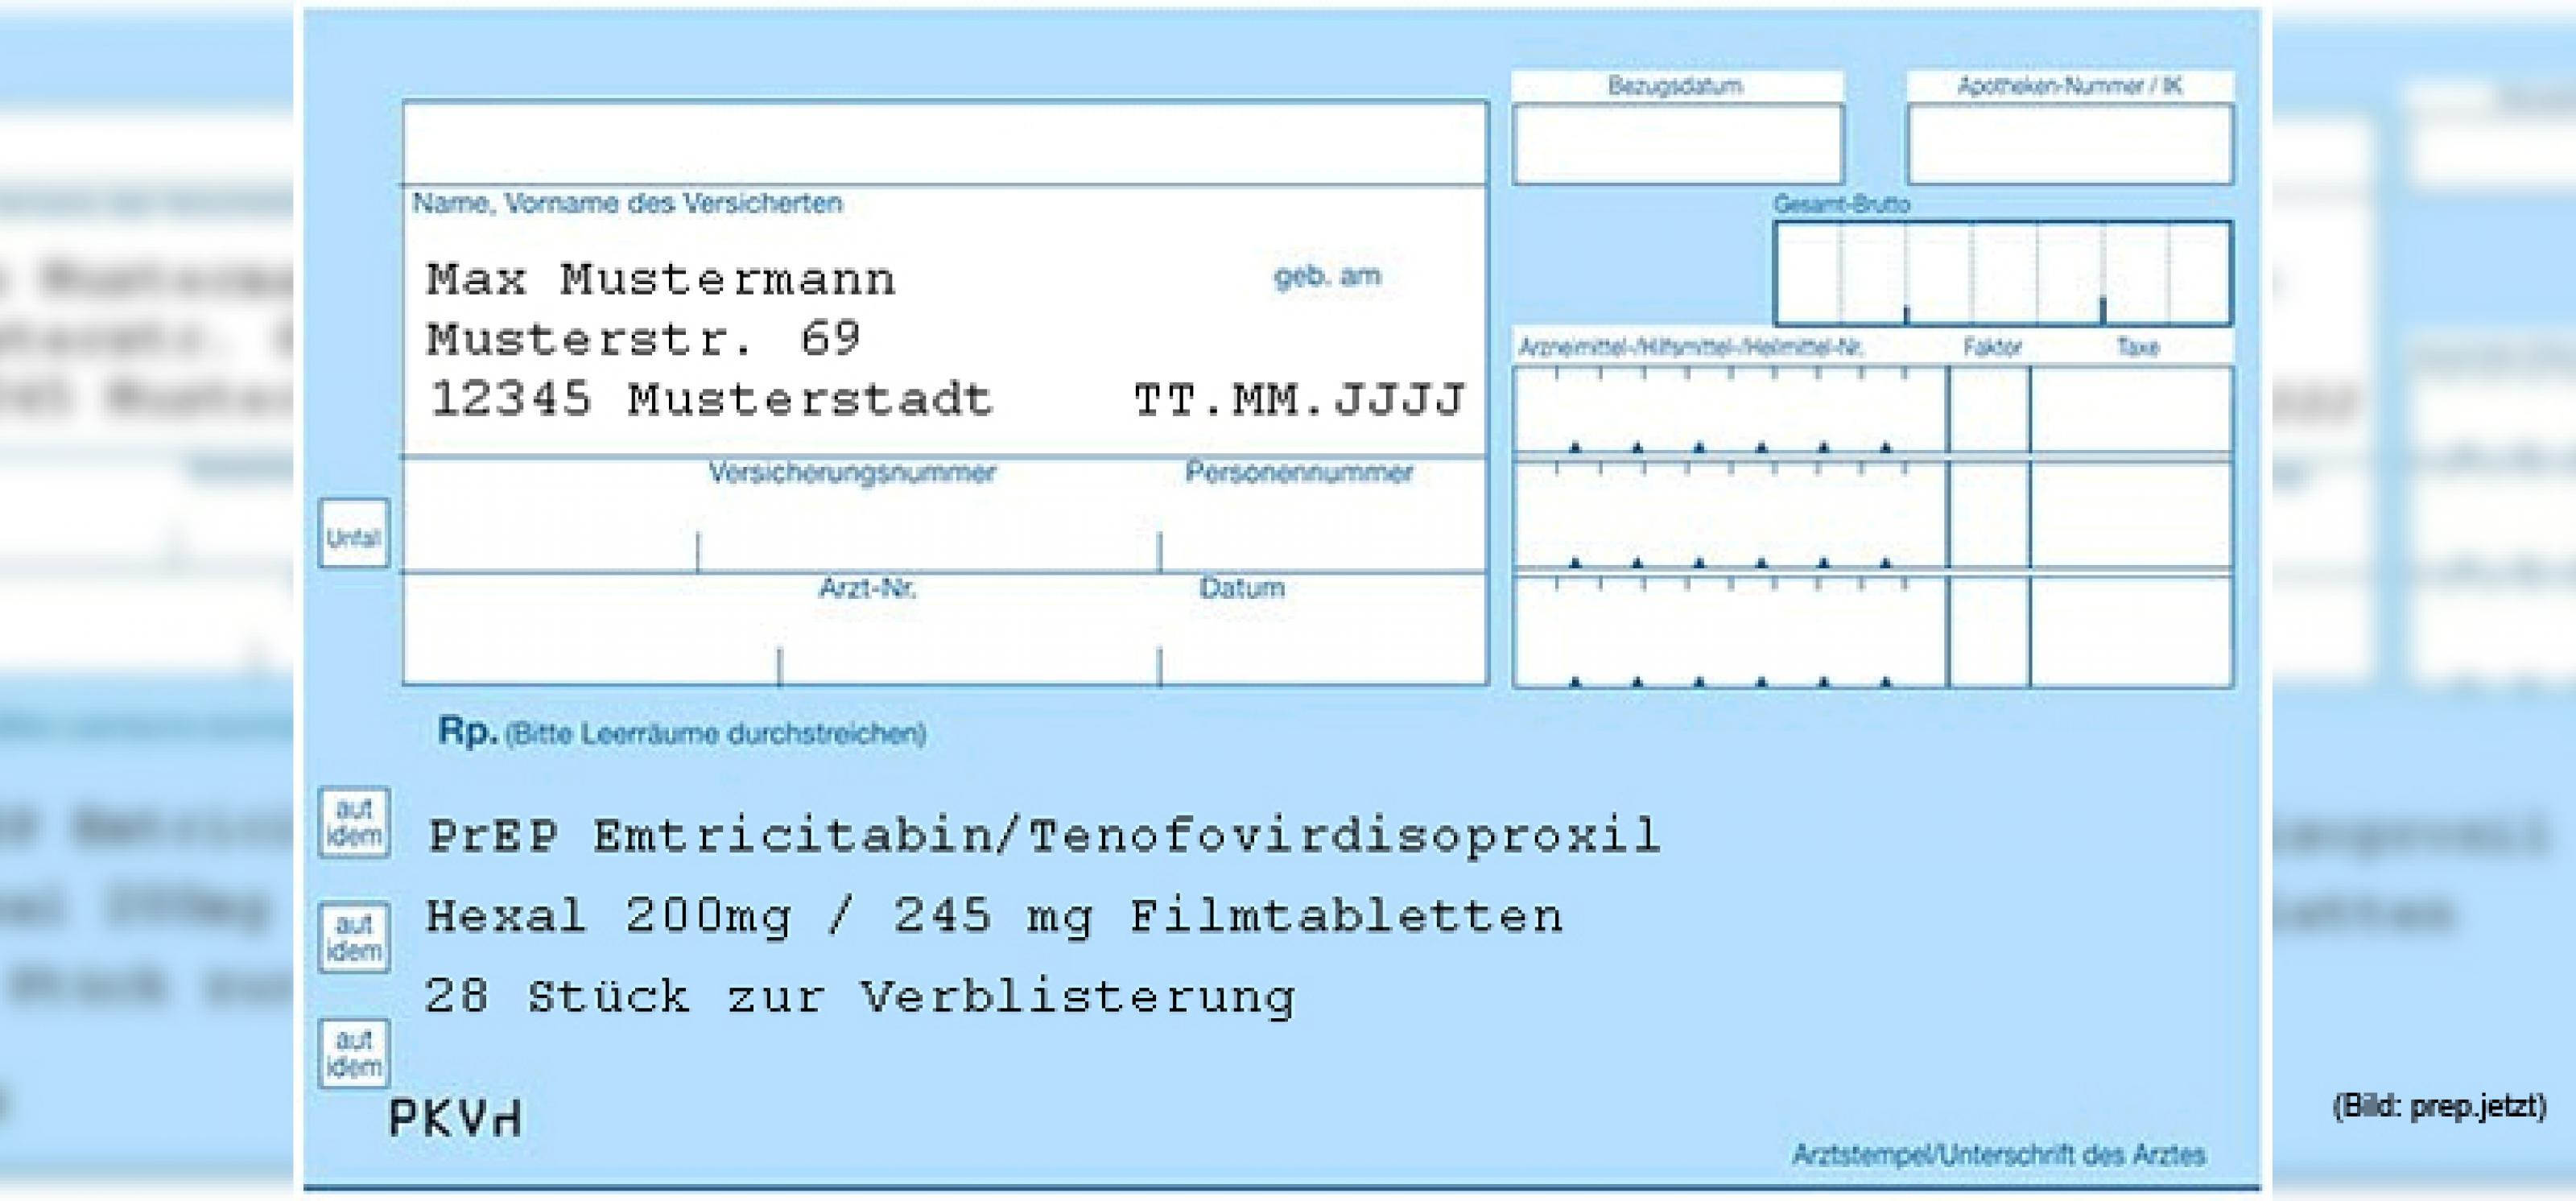 blaues Privatrezept mit Aufschrift von Medikamentennamen